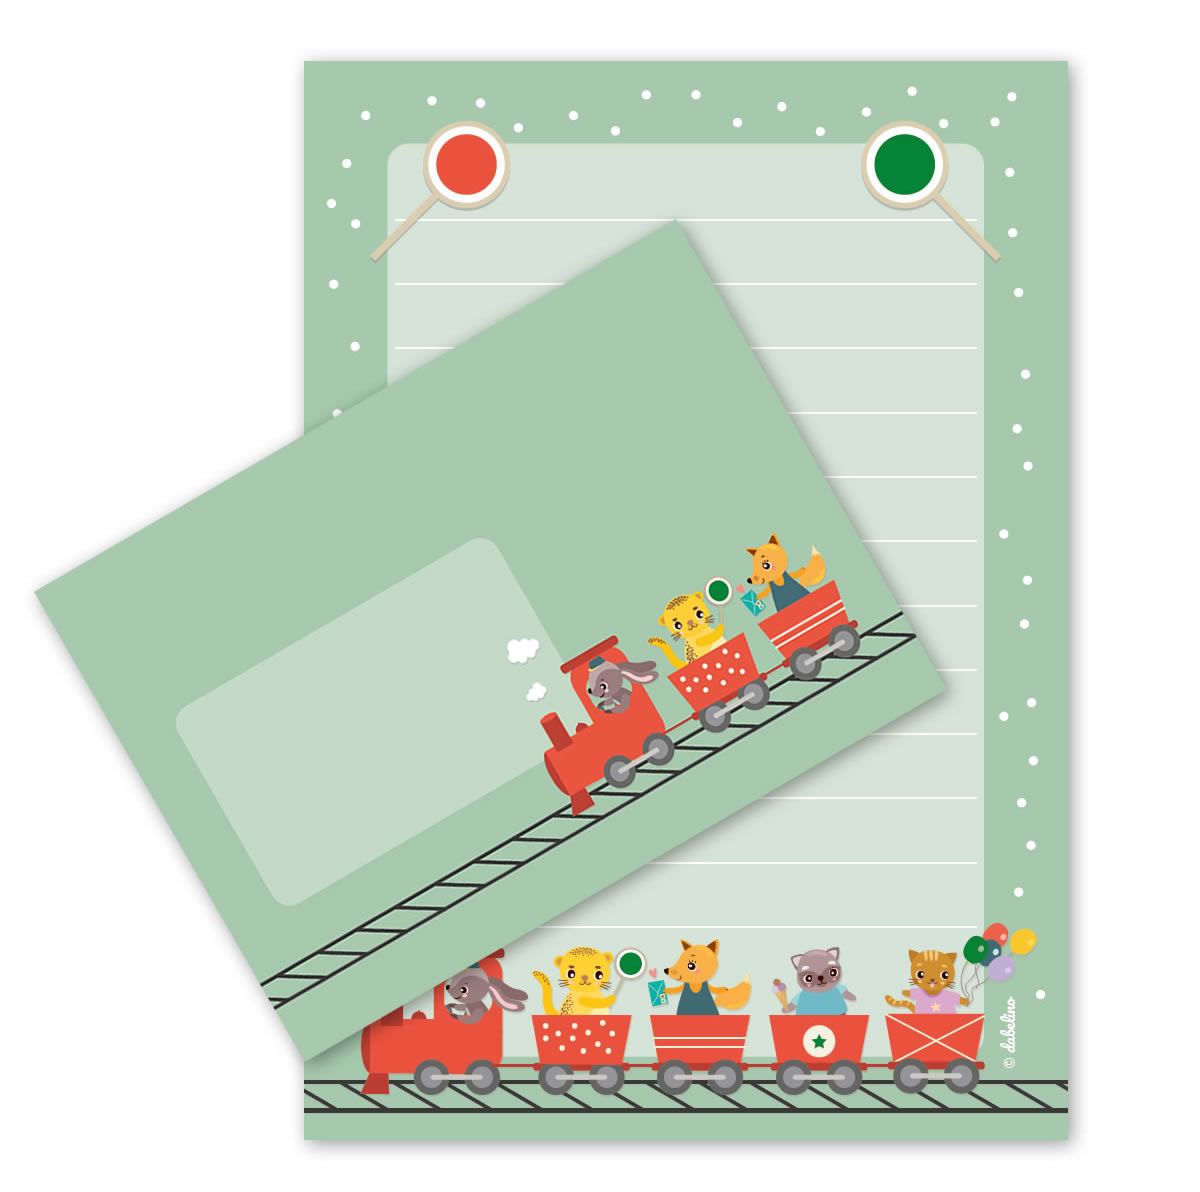 Kinder-Briefpapier-Set: Eisenbahn | Jetzt im dabelino Shop entdecken